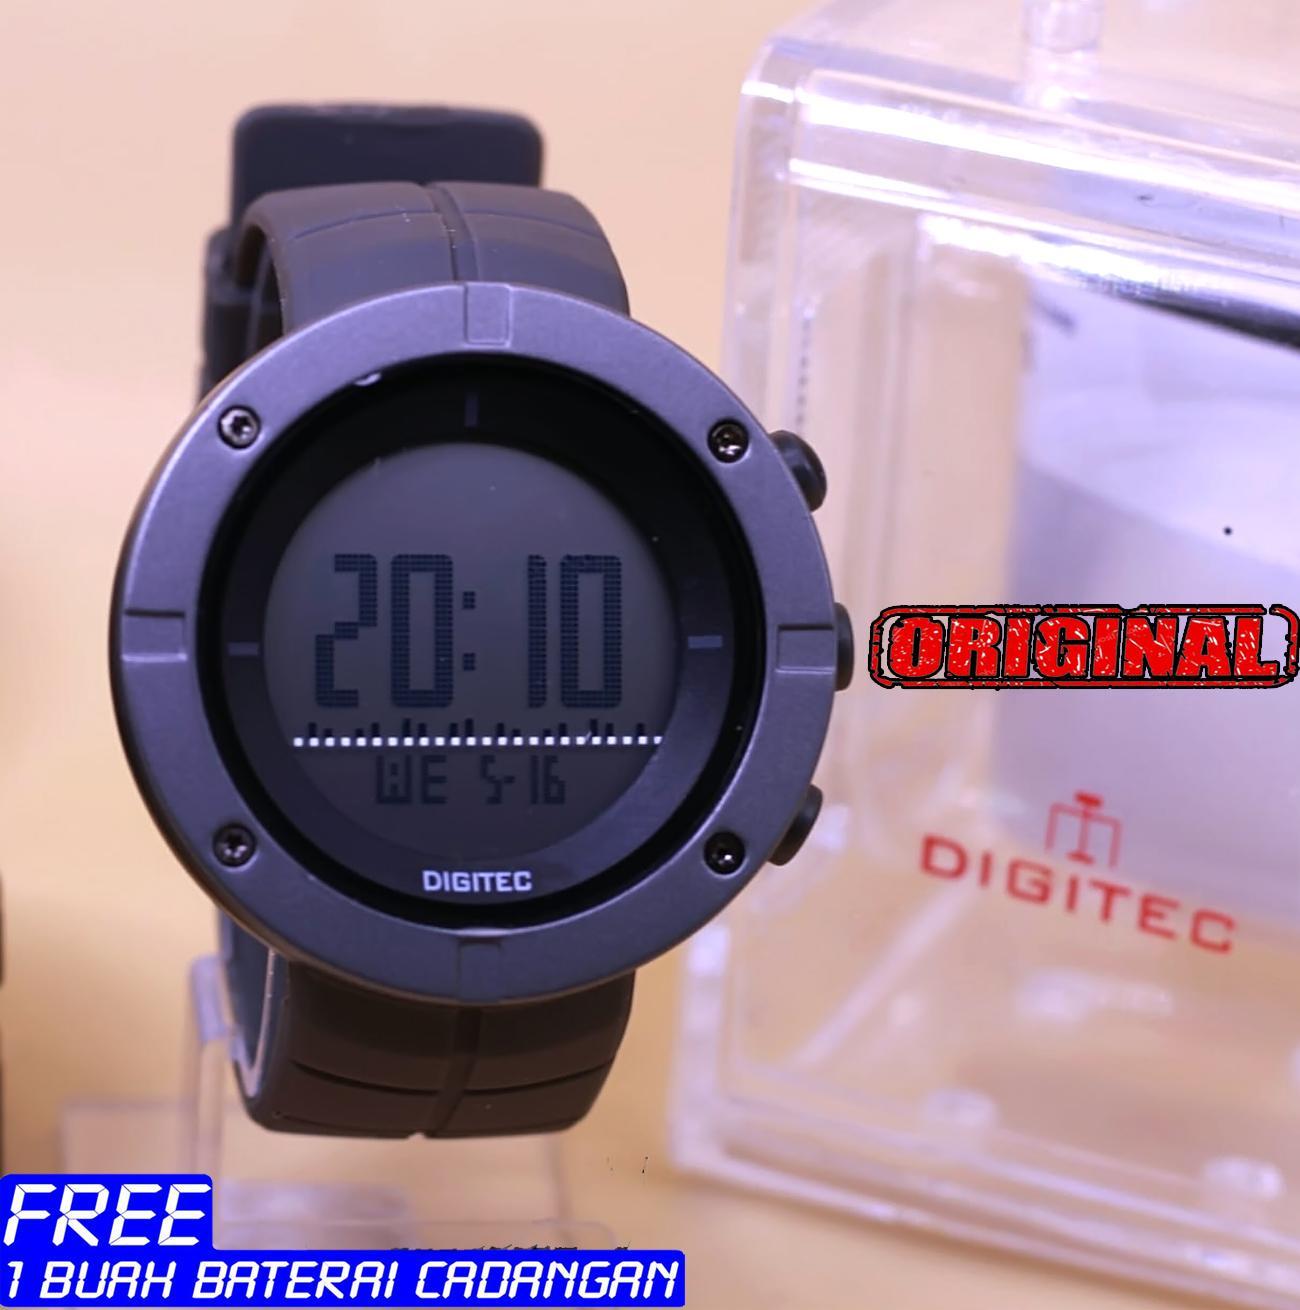 Cobain Saja Produk Fungsi Sensor Pada Jam Tangan Digitec Berkualtis Dg2011 Dg2066 Couple Dual Time Rubber